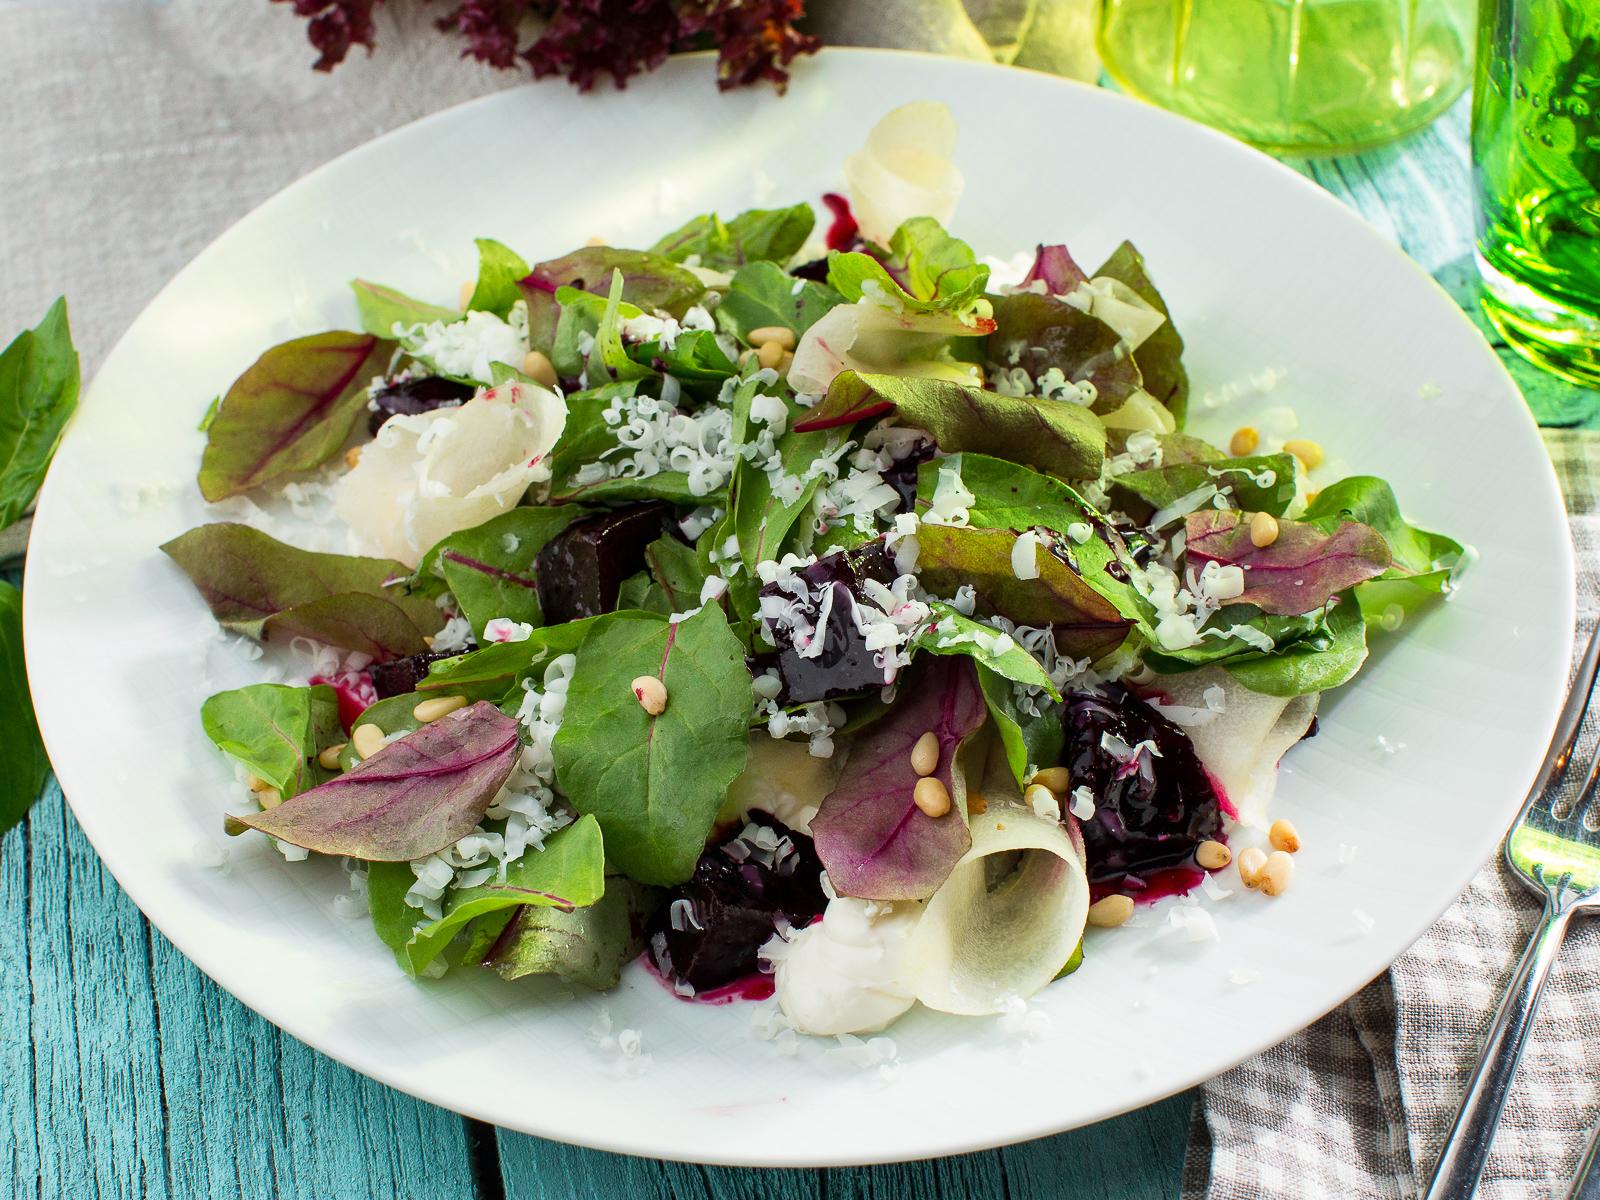 Салат со свеклой, козьим сыром и грушей